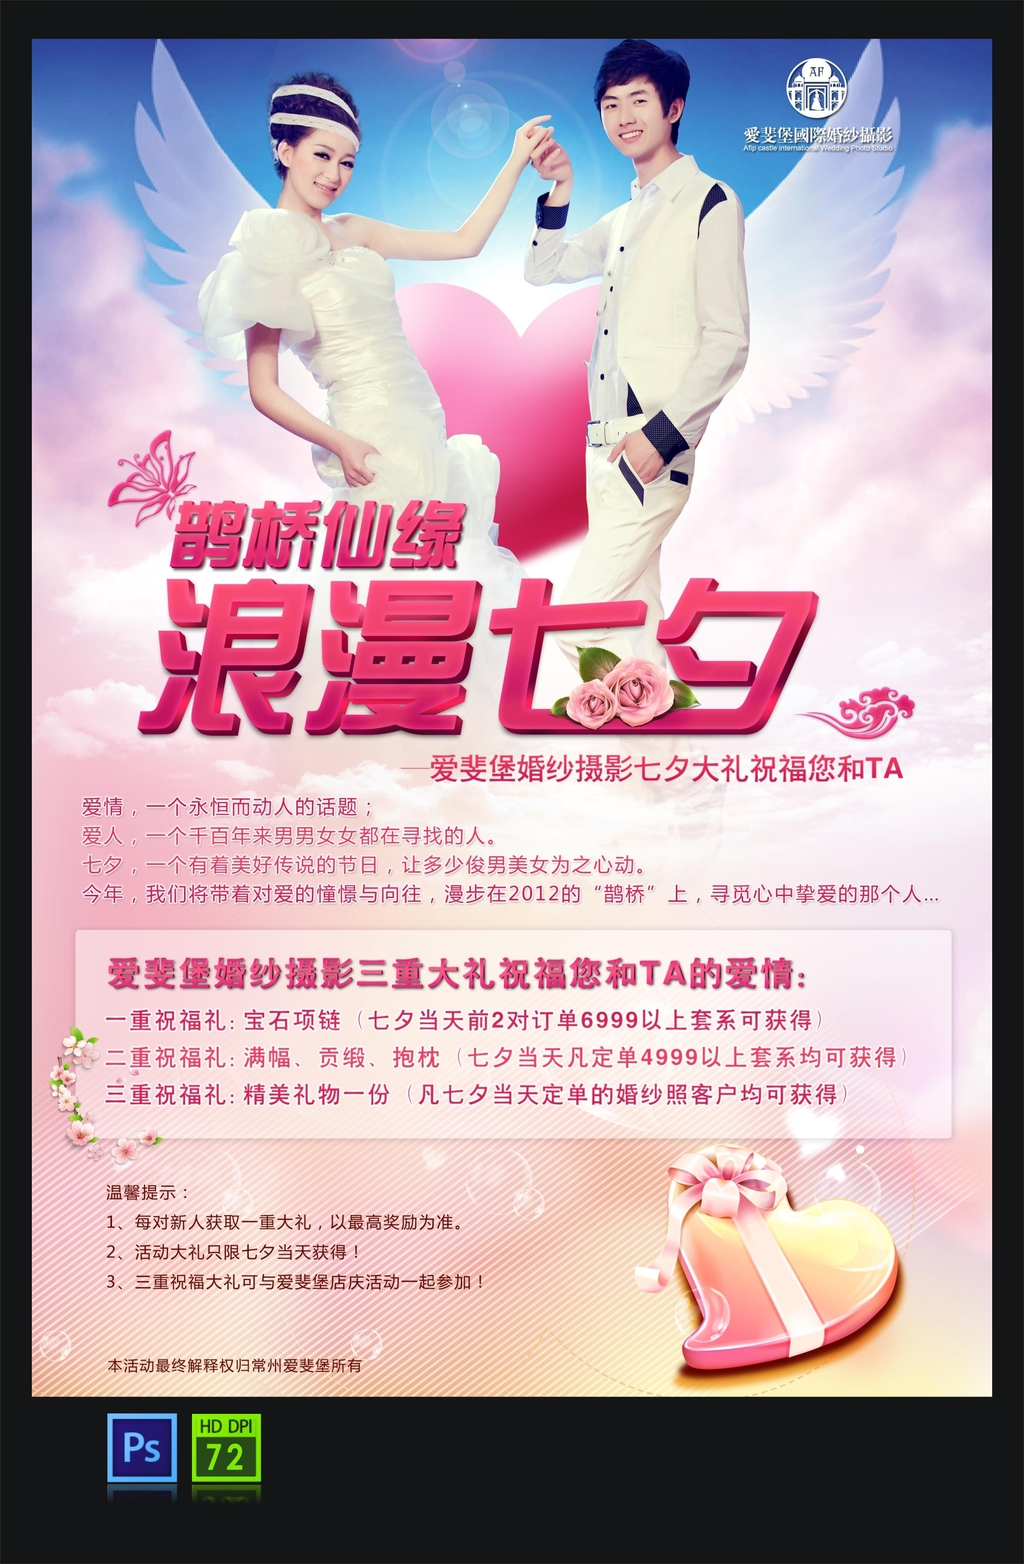 七夕情人节促销婚纱影楼海报模板下载